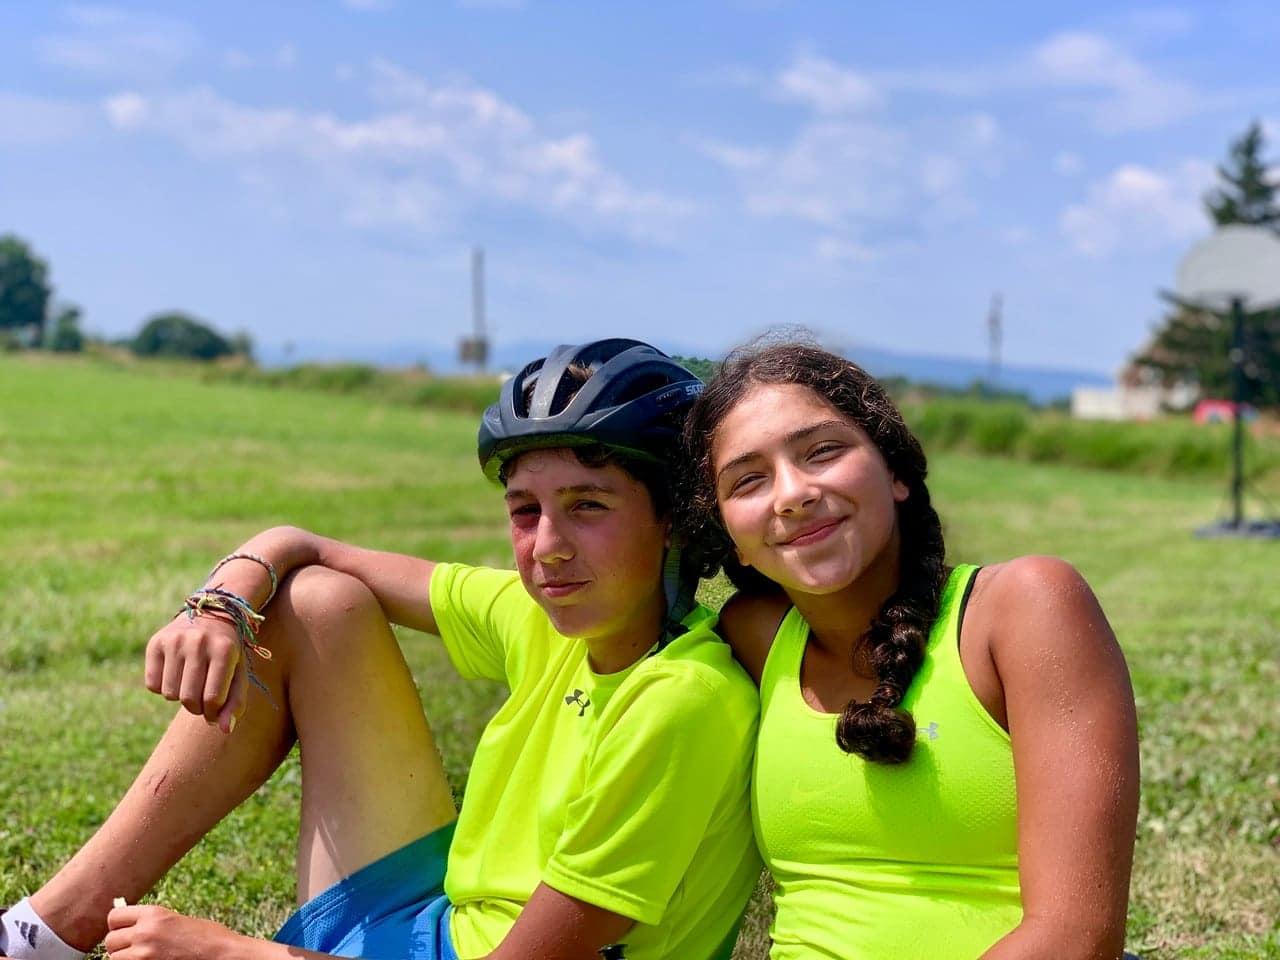 Two friends taking a break in the sun on their teen summer biking trip